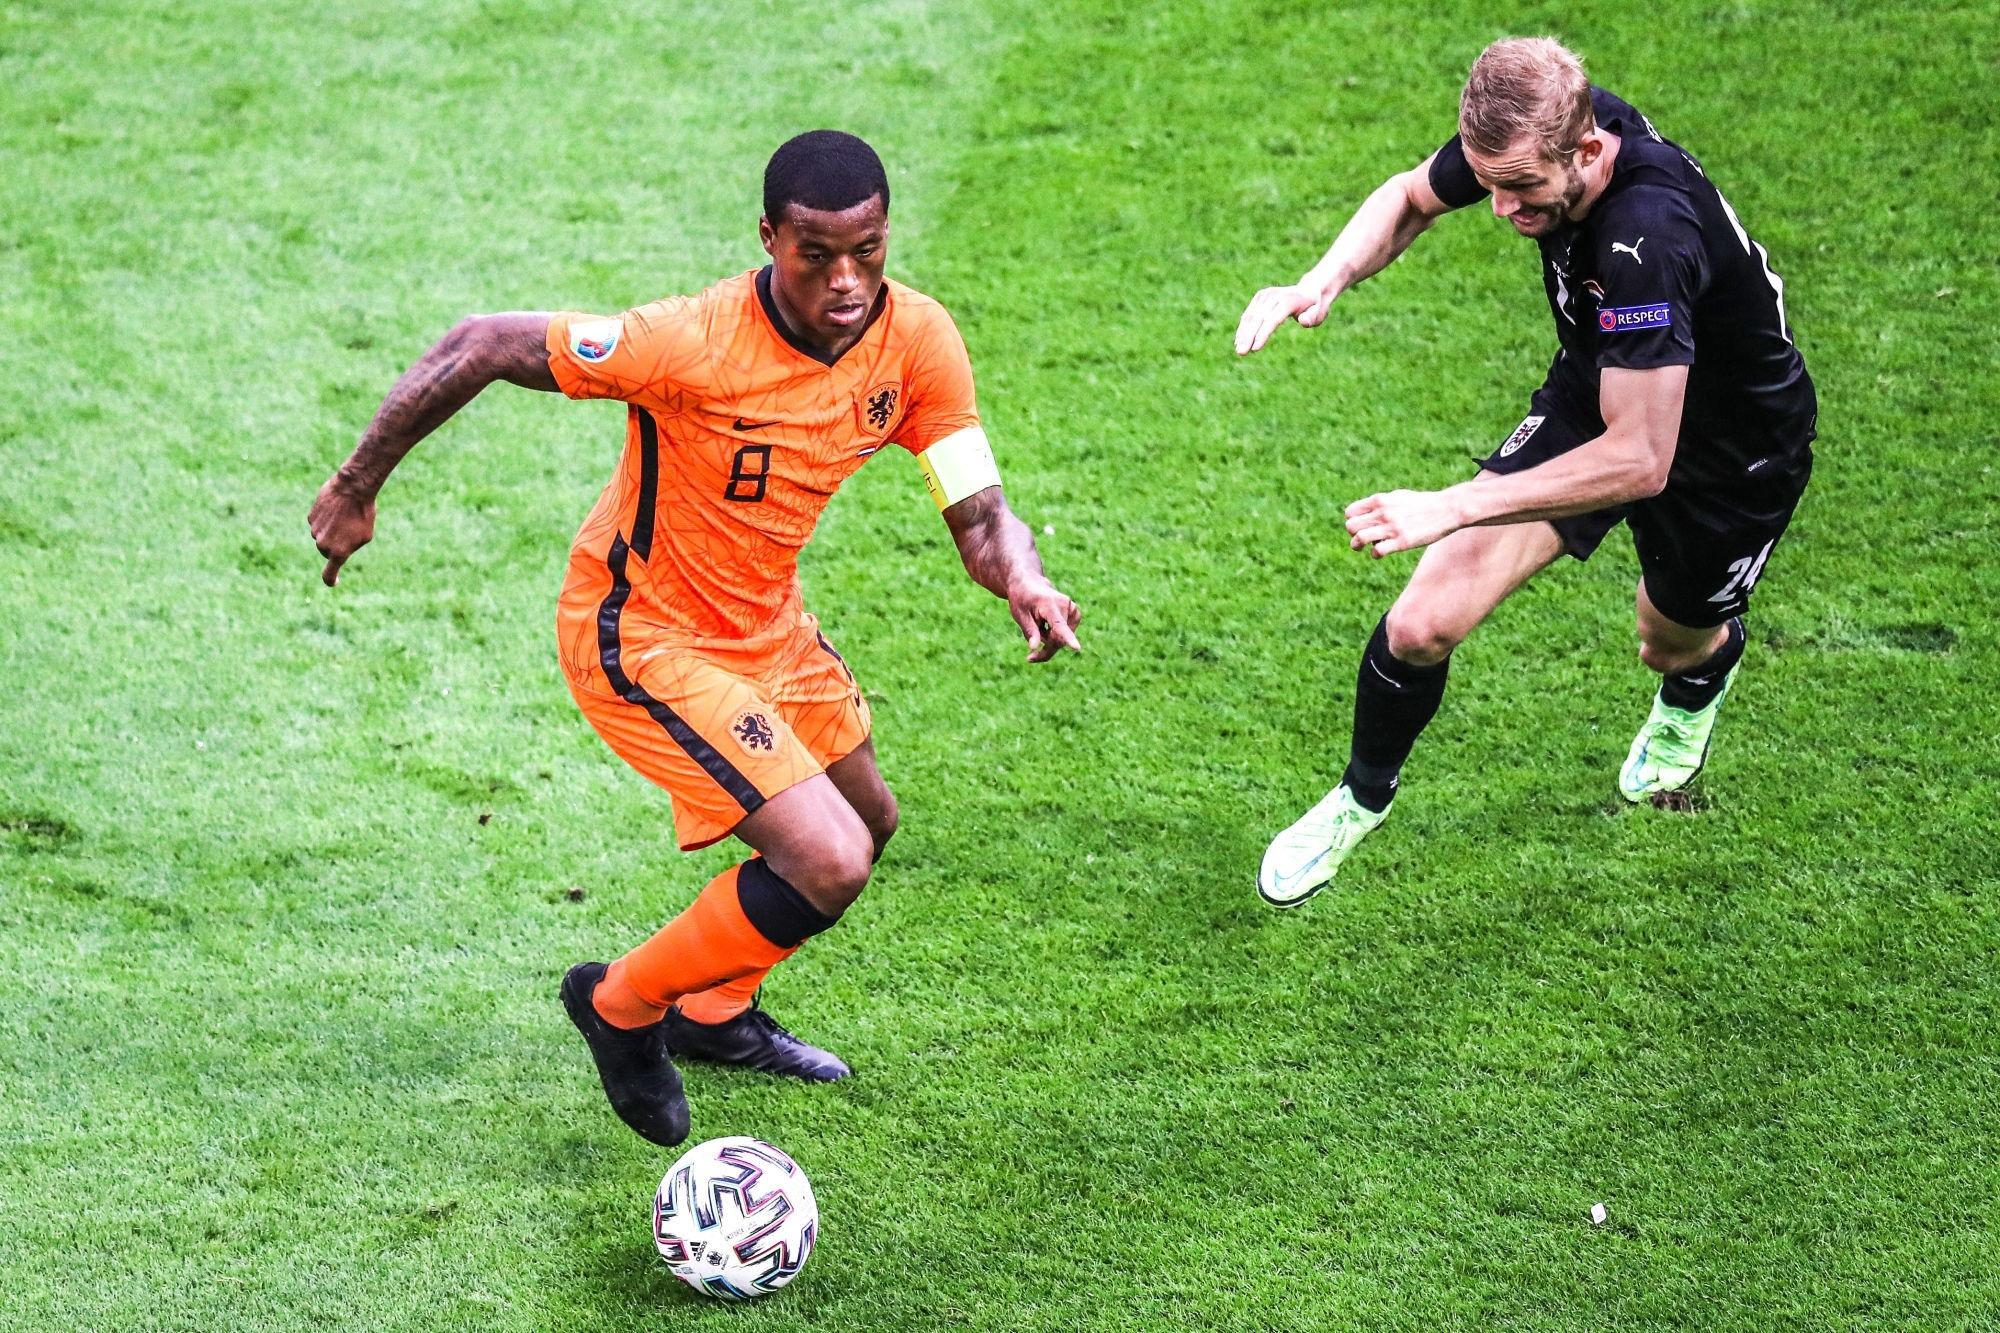 Officiel - Wijnaldum portera le numéro 18, que Kean avait, au PSG